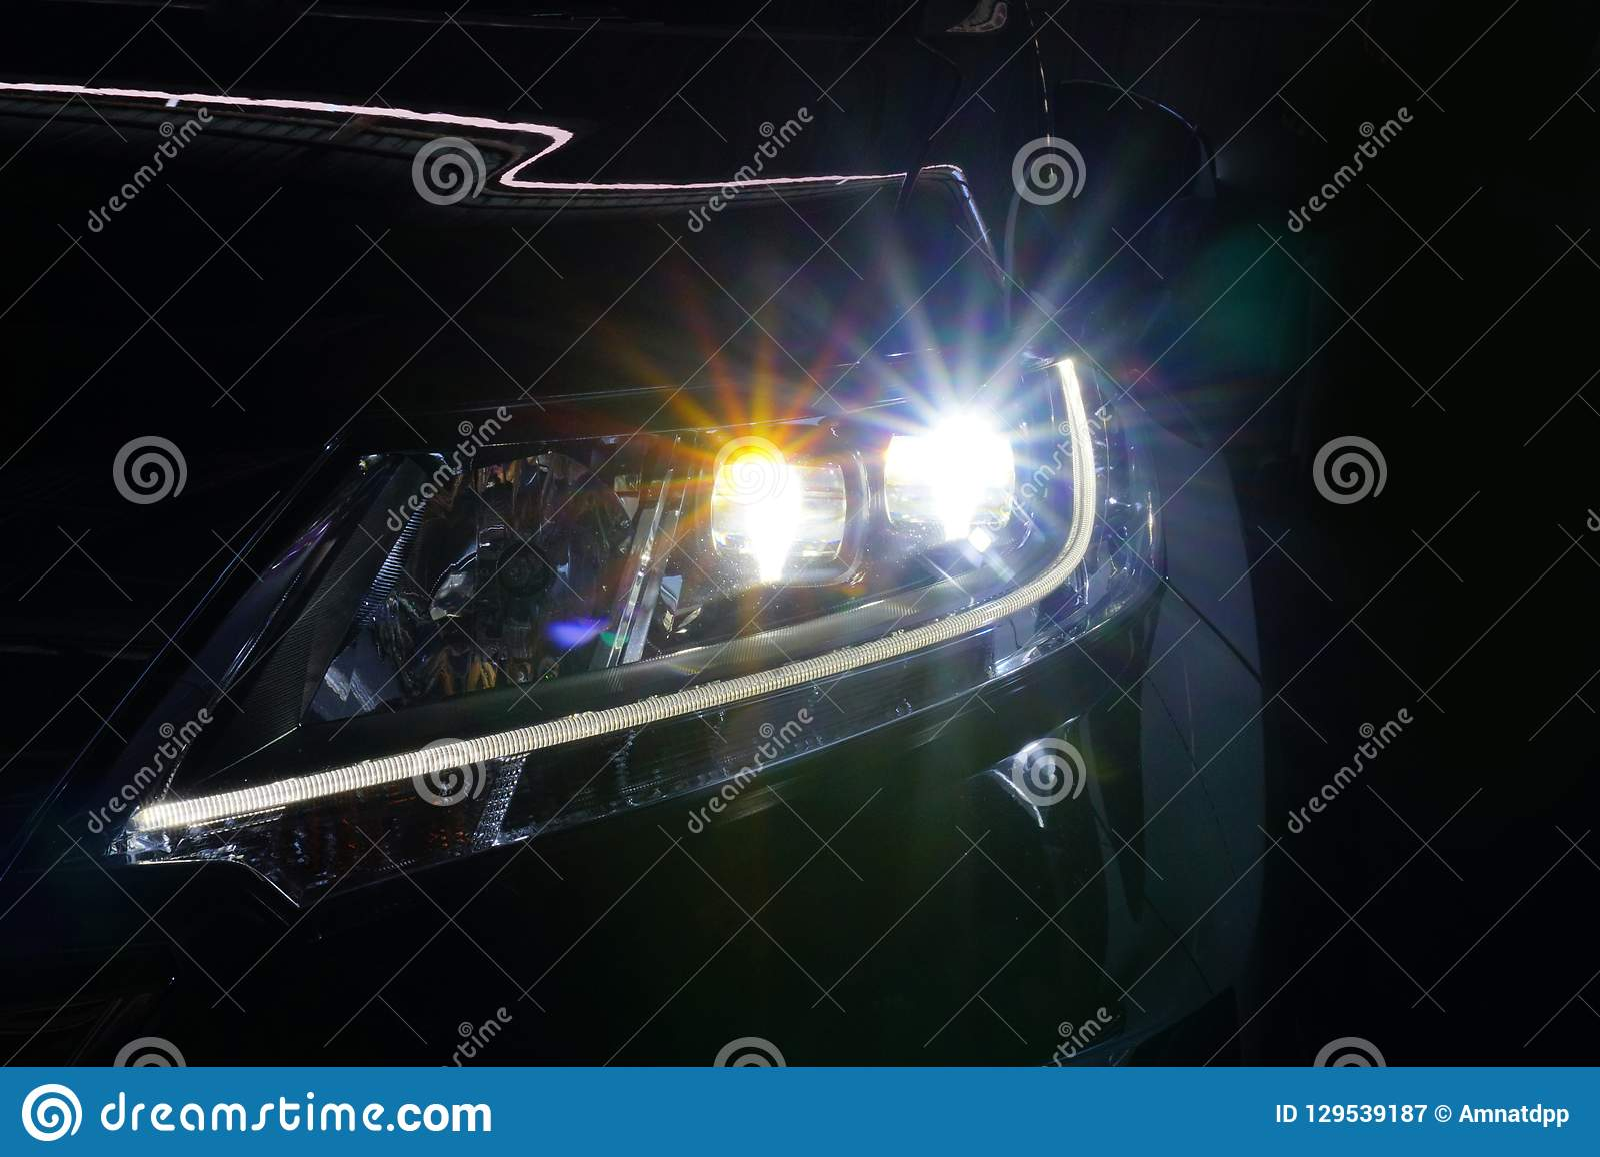 El ángel observa la lente de la óptica de la linterna del xenón que brilla intensamente